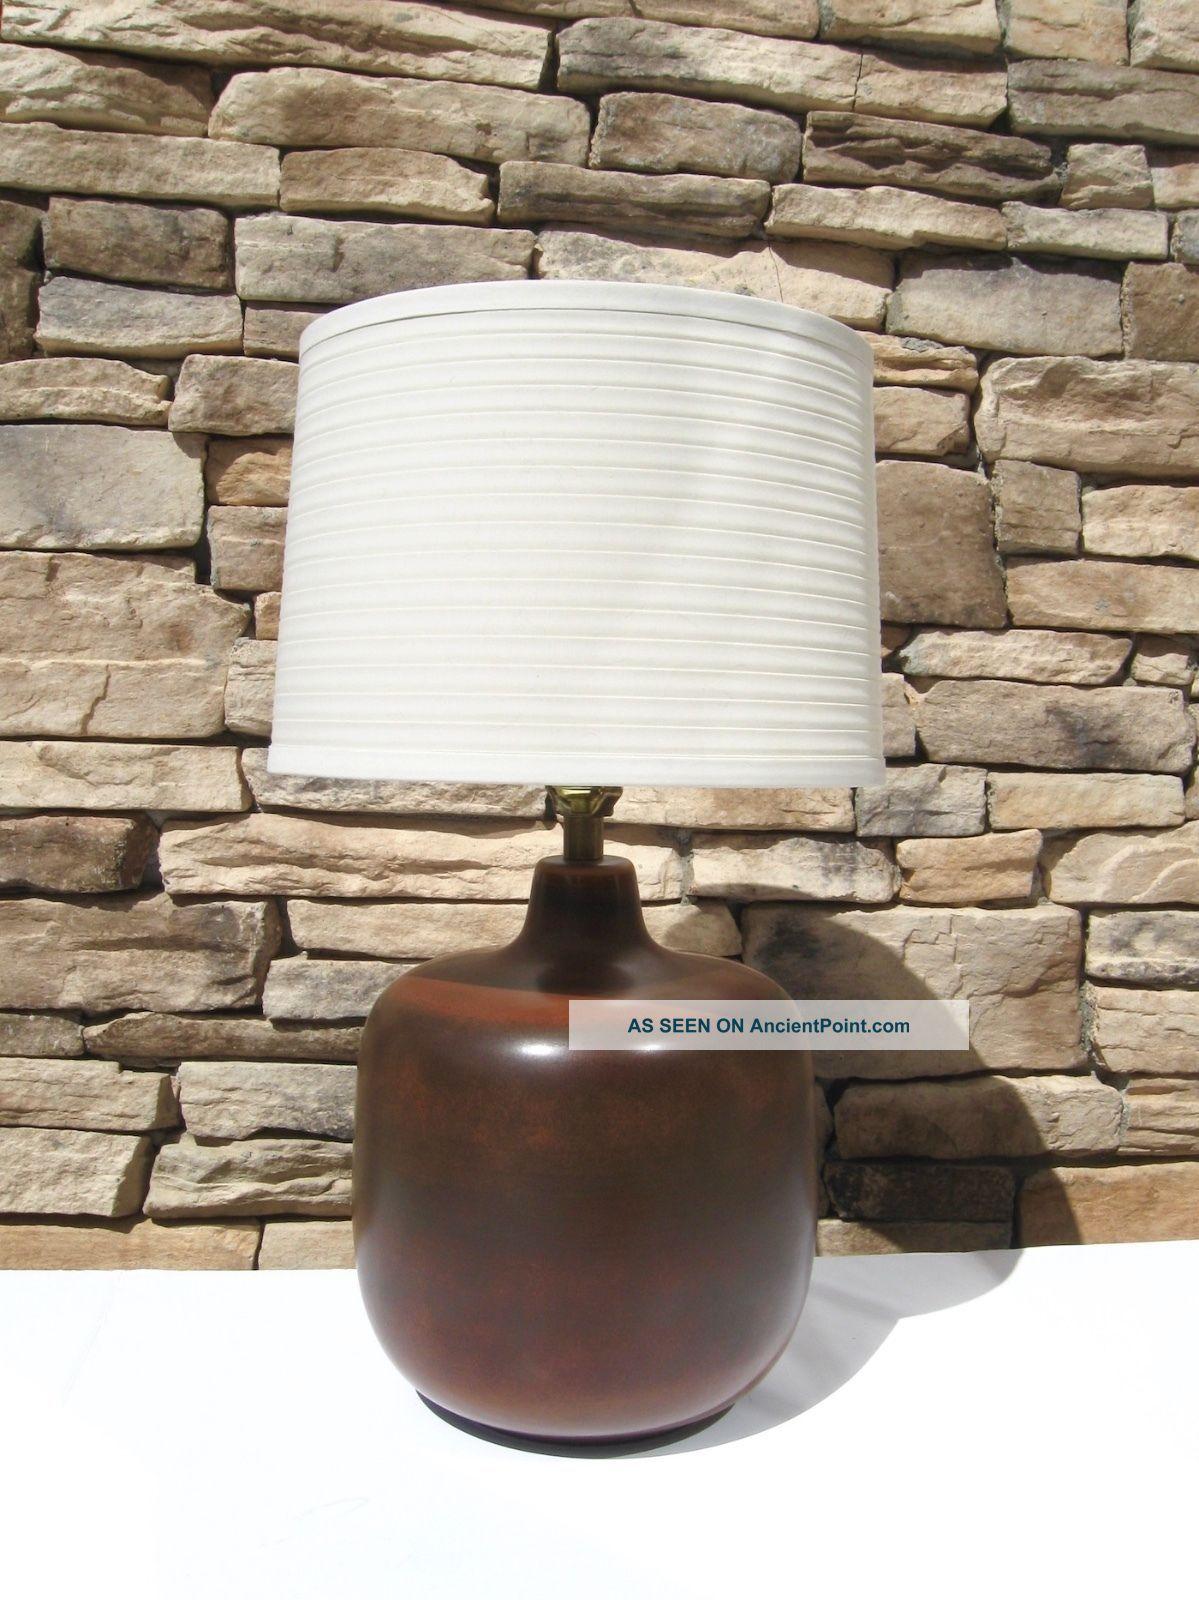 Vintage Mid Century Danish Modern Lotte & Gunnar Bostlund Ceramic Lamp Martz Era Mid-Century Modernism photo